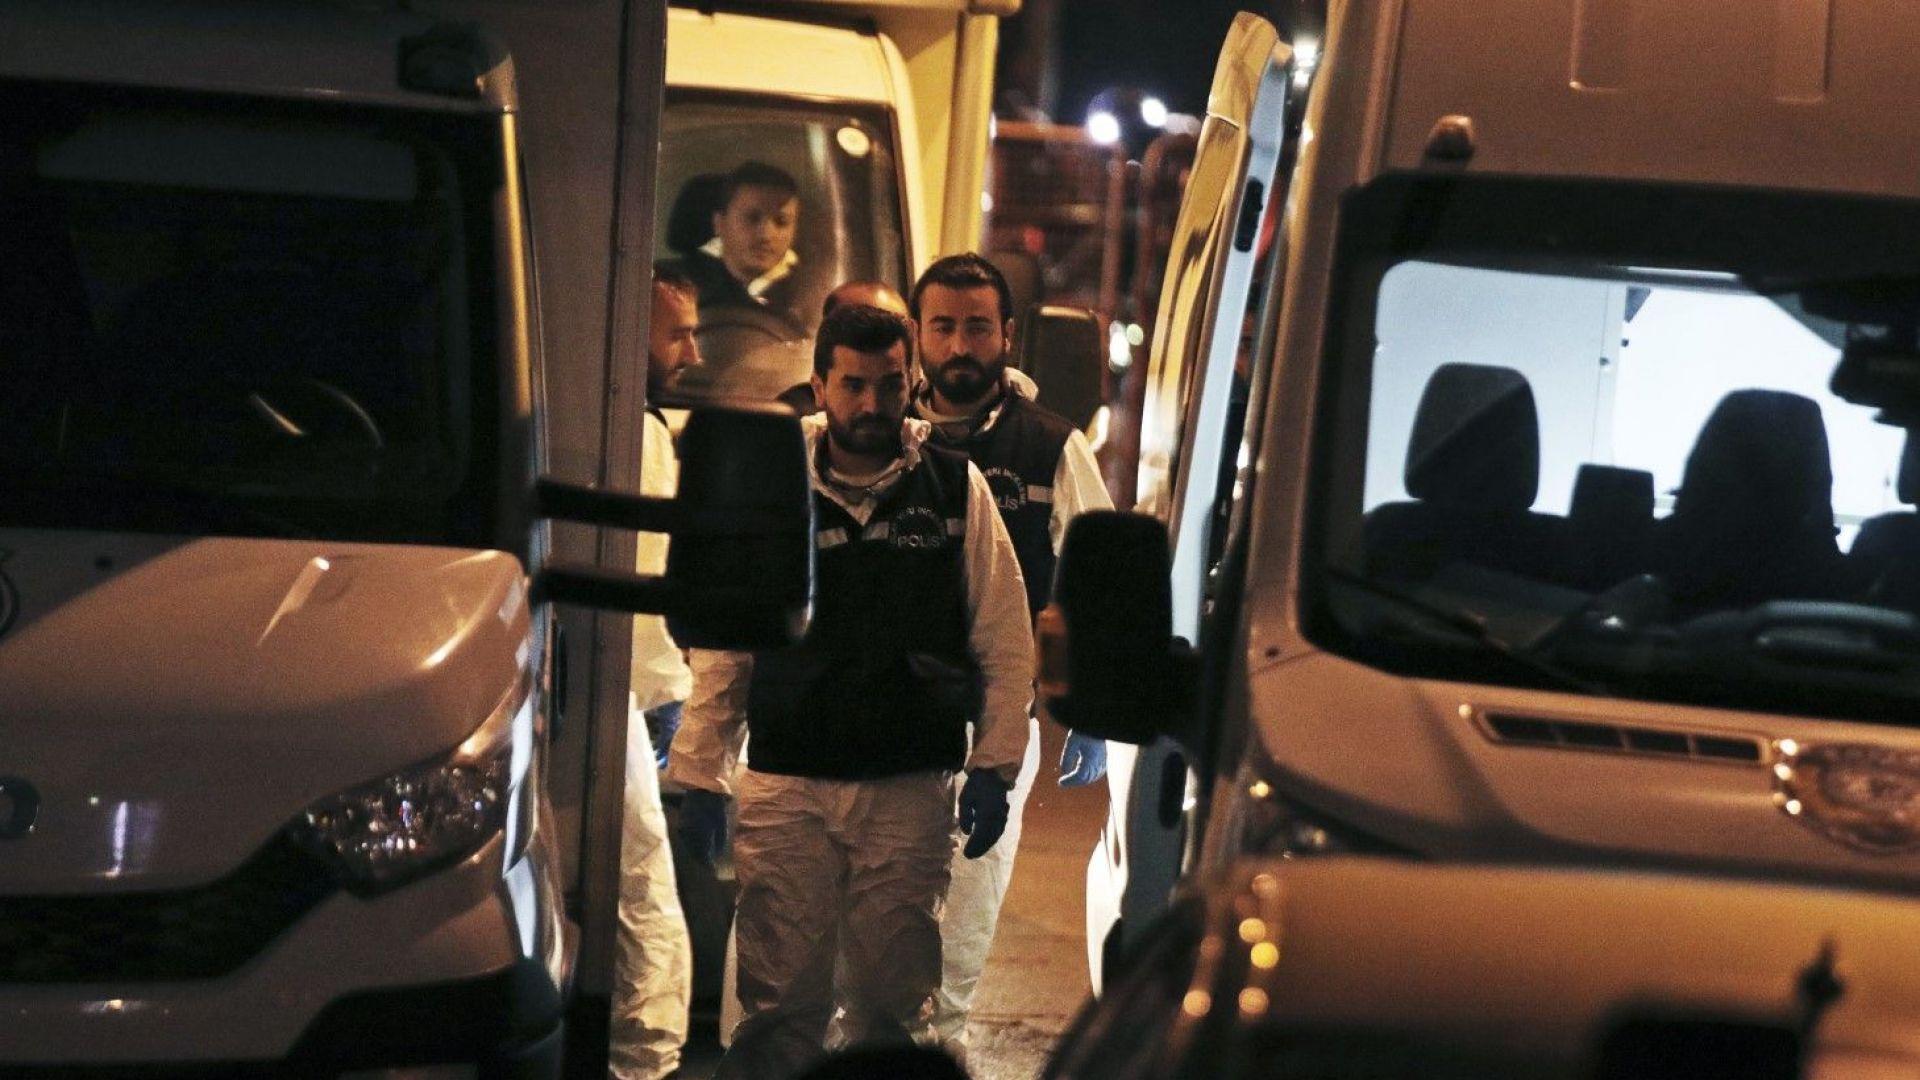 Турски официален представител заяви за Асошиейтед прес, че полицията е